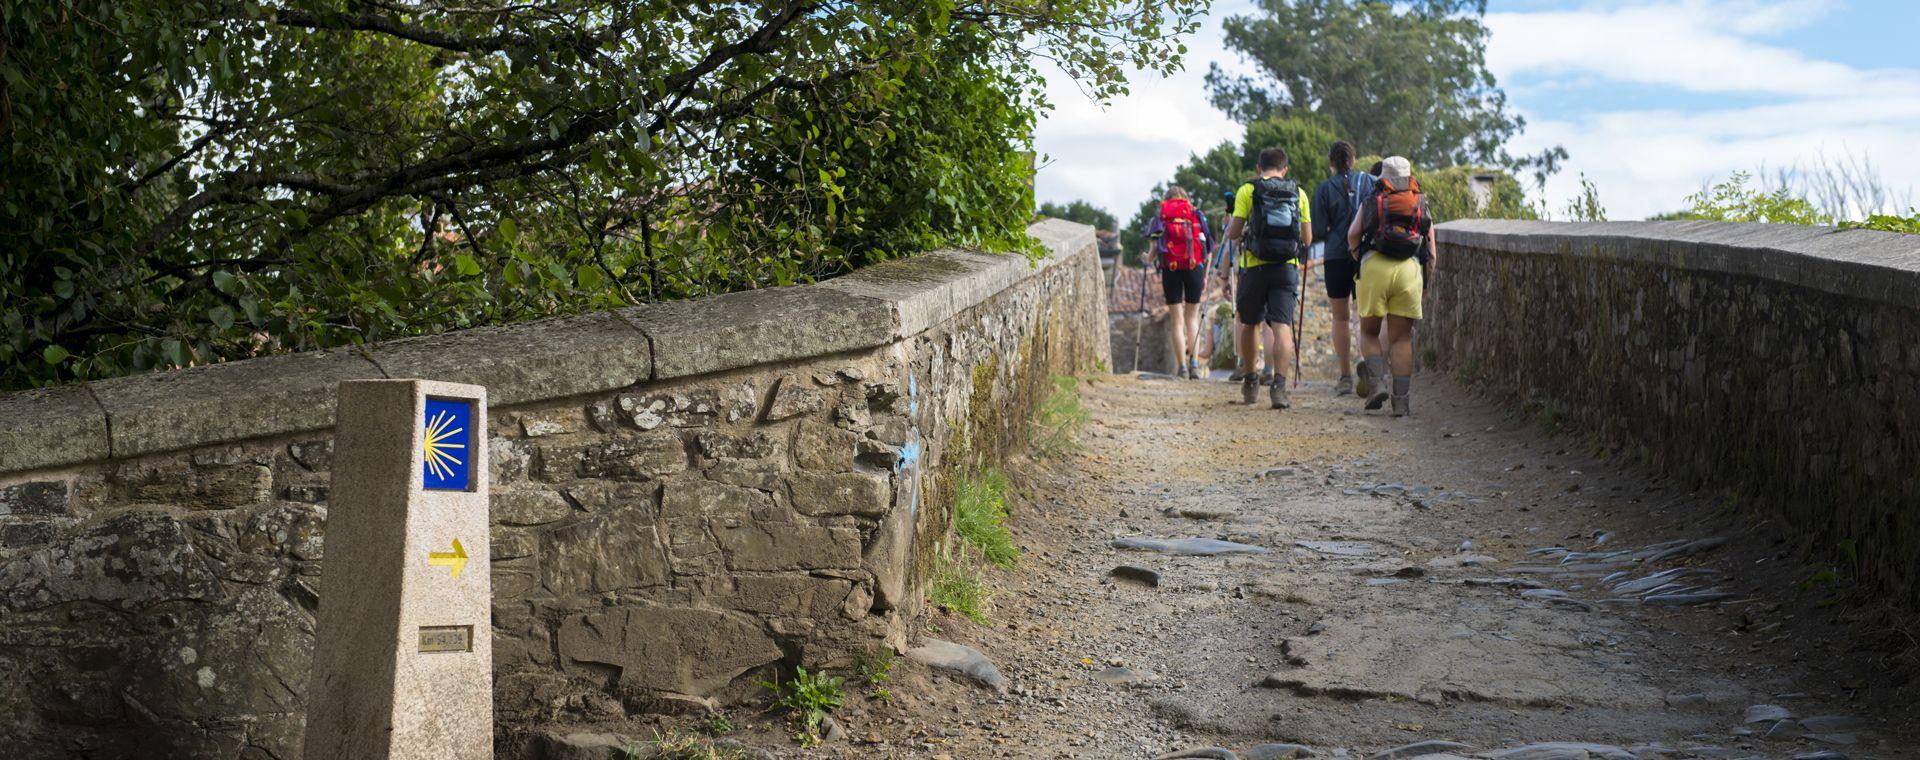 Image Chemins de Saint-Jacques : randonnée de León à Saint-Jacques-de-Compostelle